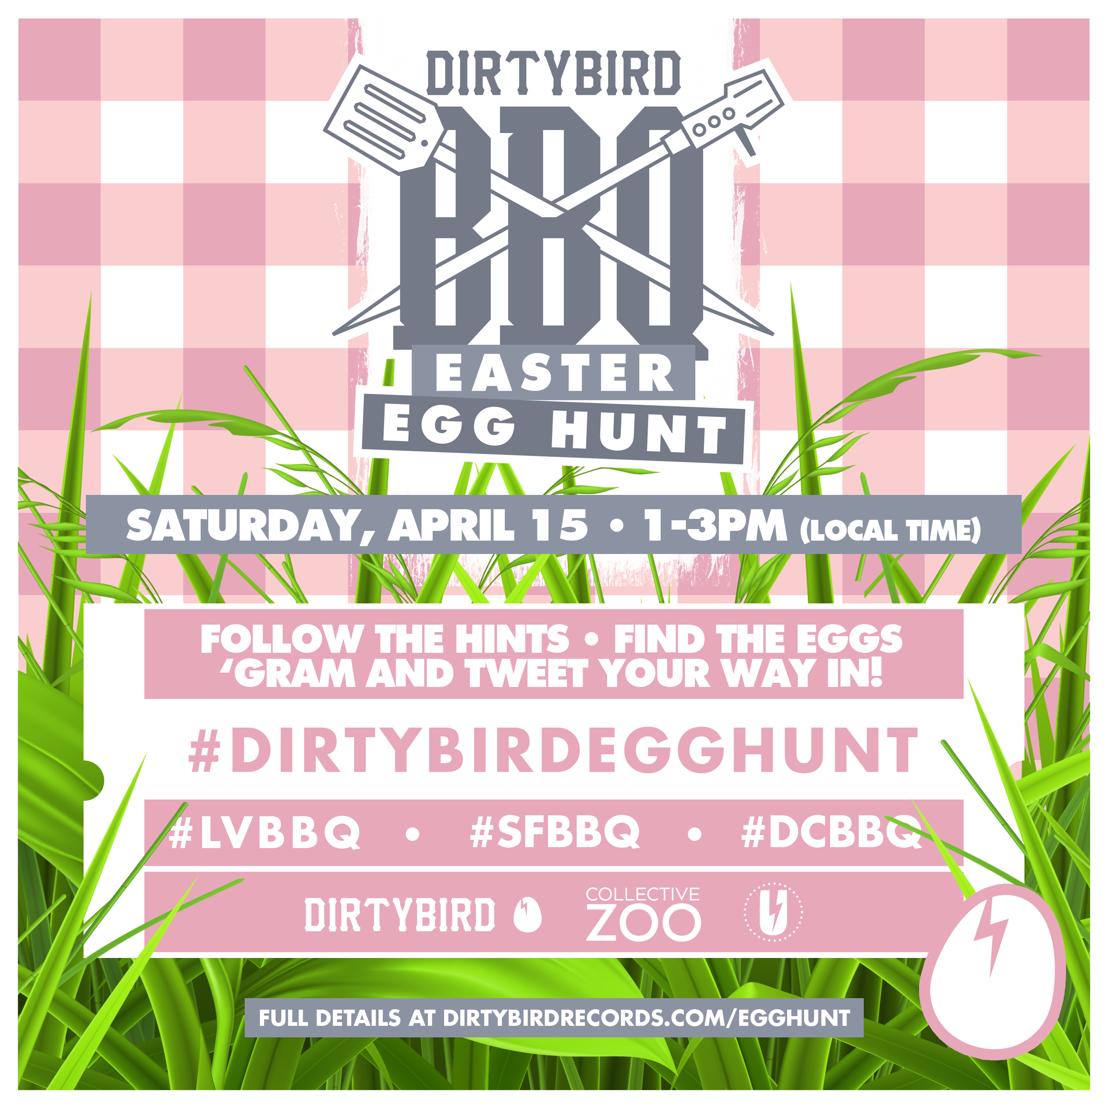 Dirtybird Announces Dirtybird Easter Egg Hunts in Washington DC, San Francisco & Las Vegas